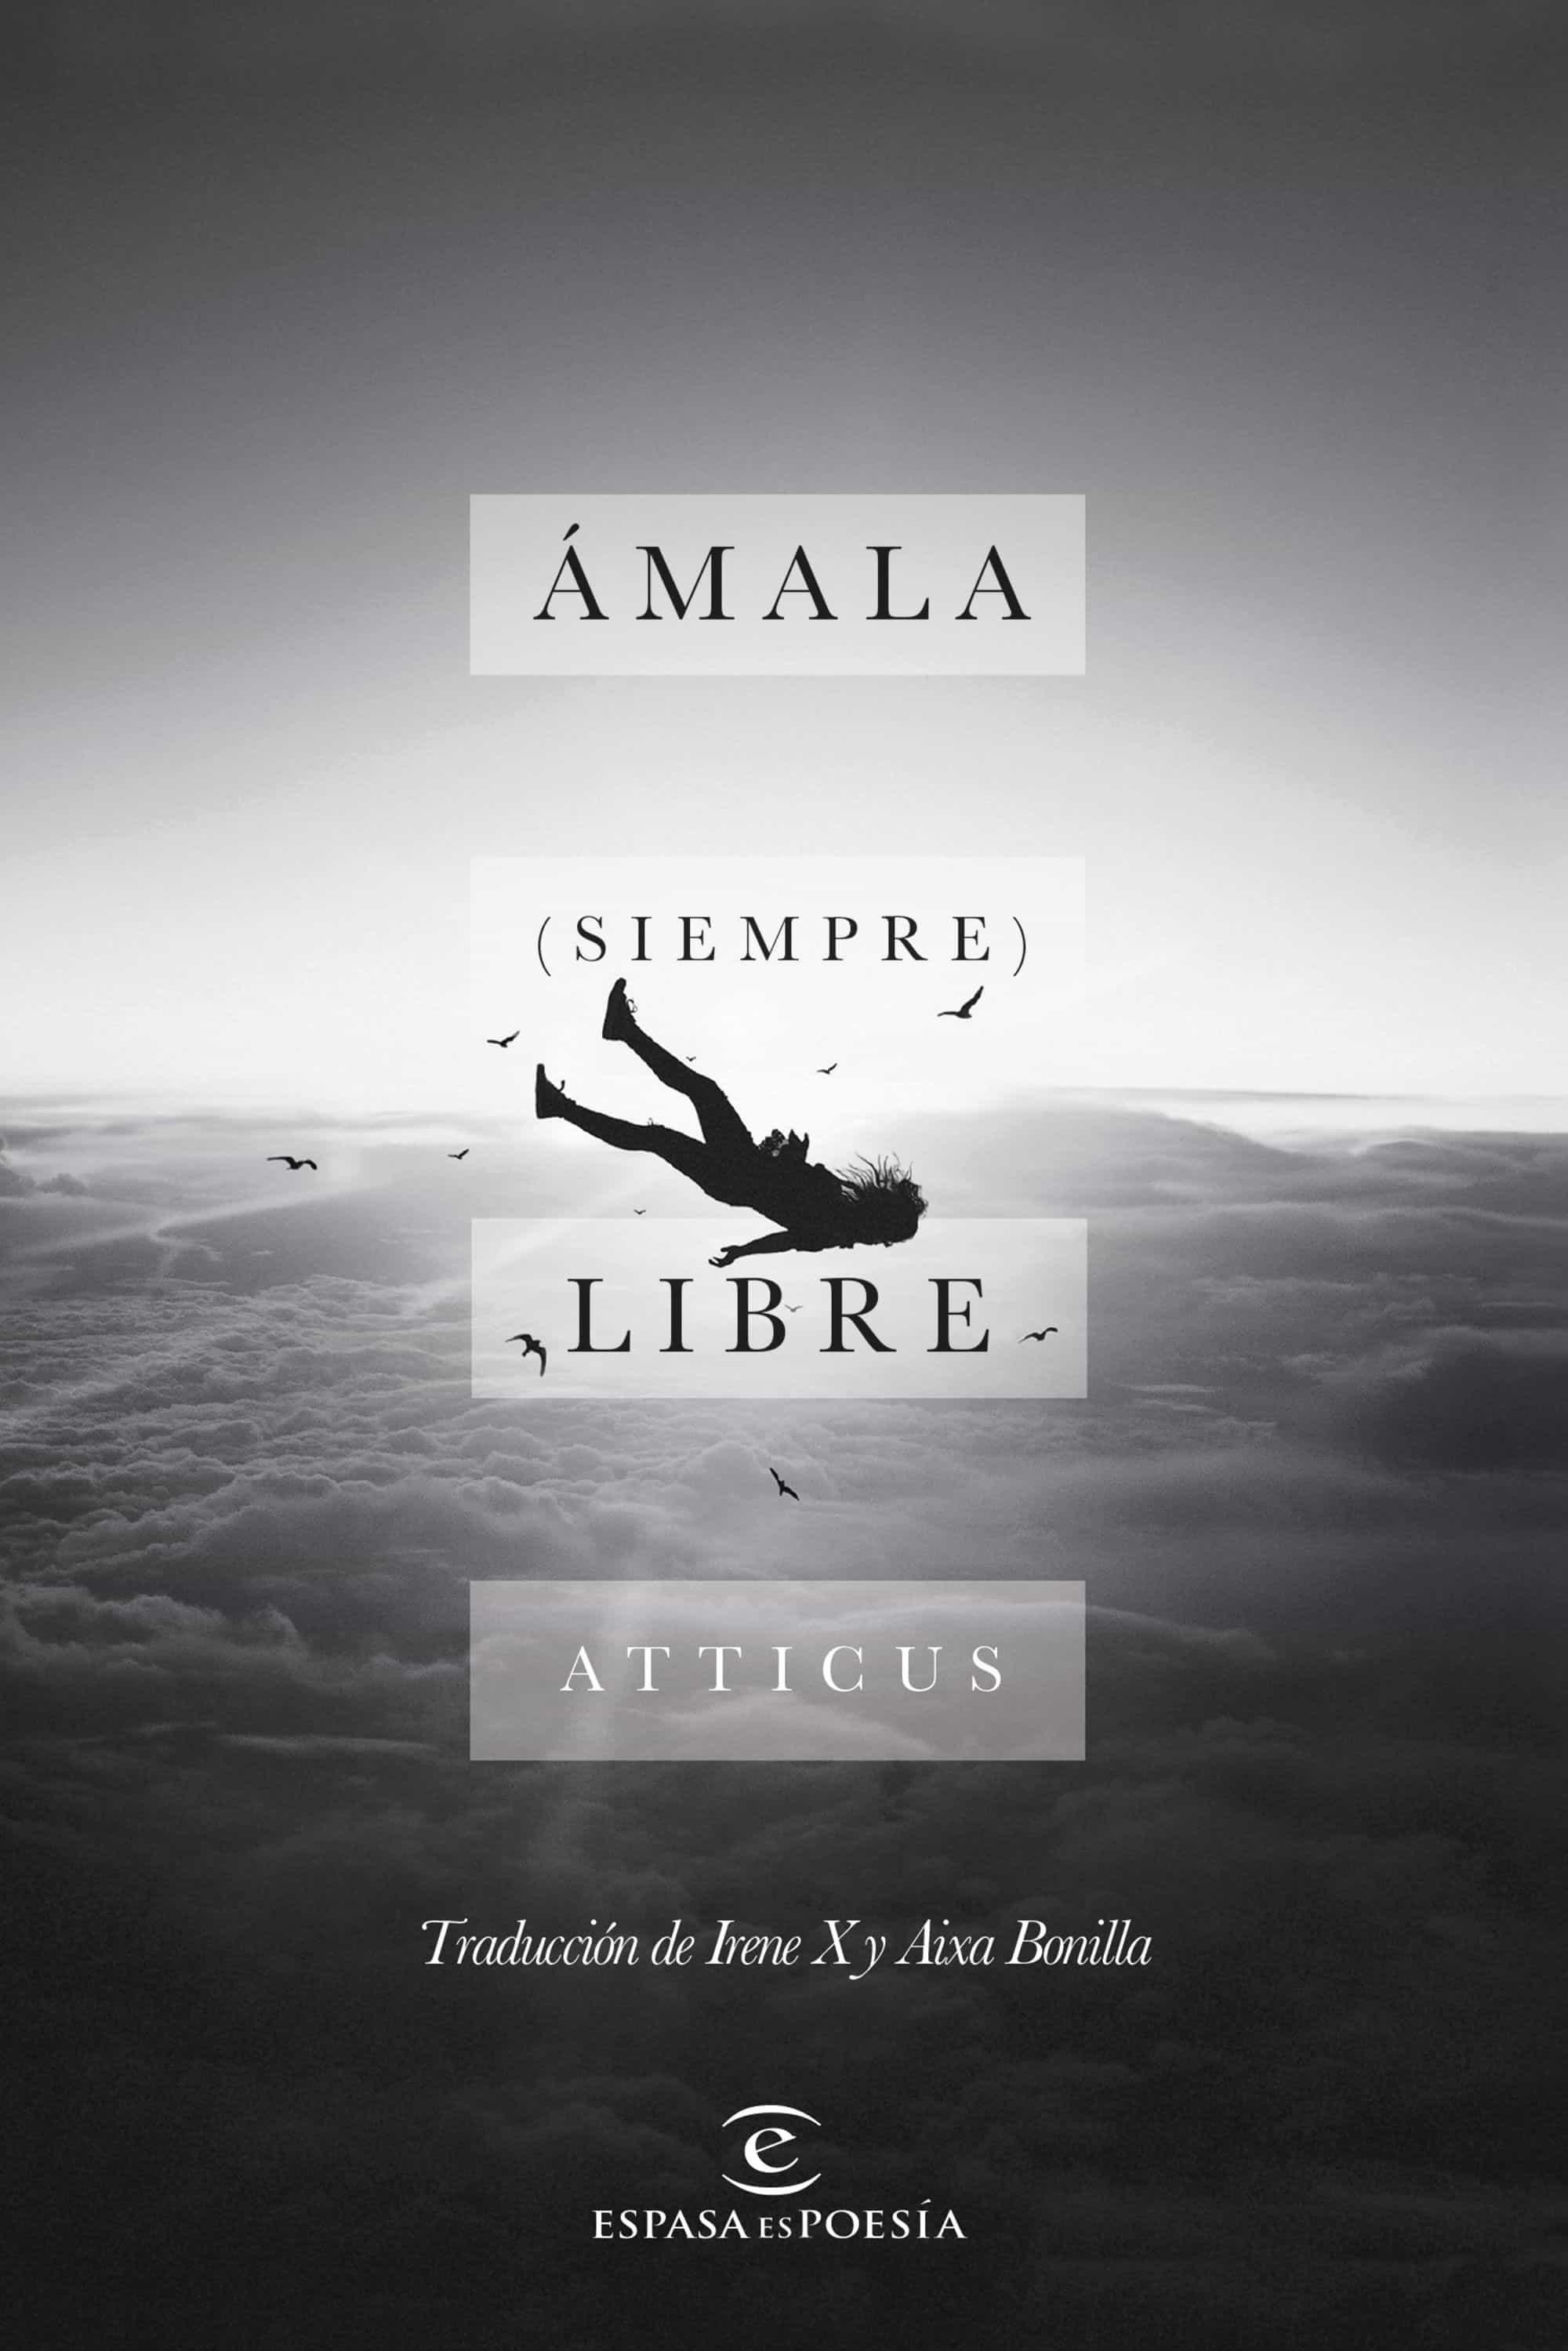 Ámala siempre libre, de Atticus